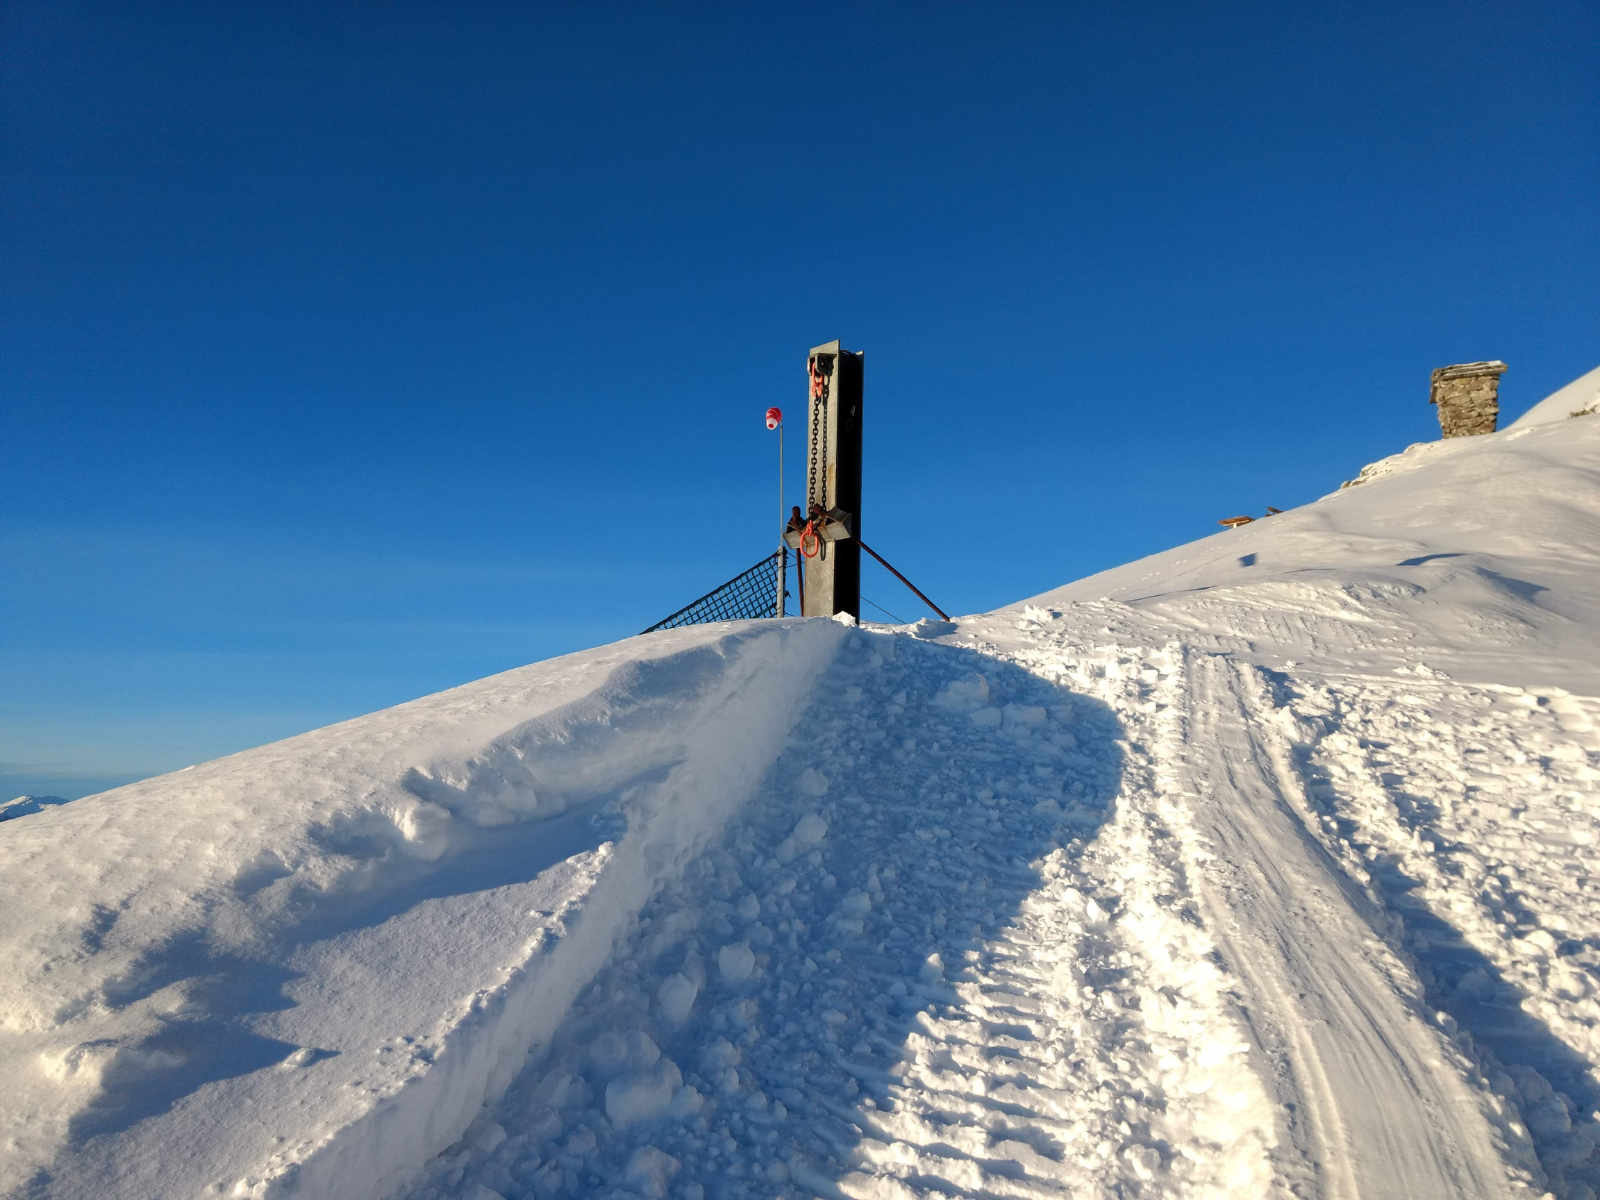 Winterbild mit Schnee. Foto: Jens Hansel